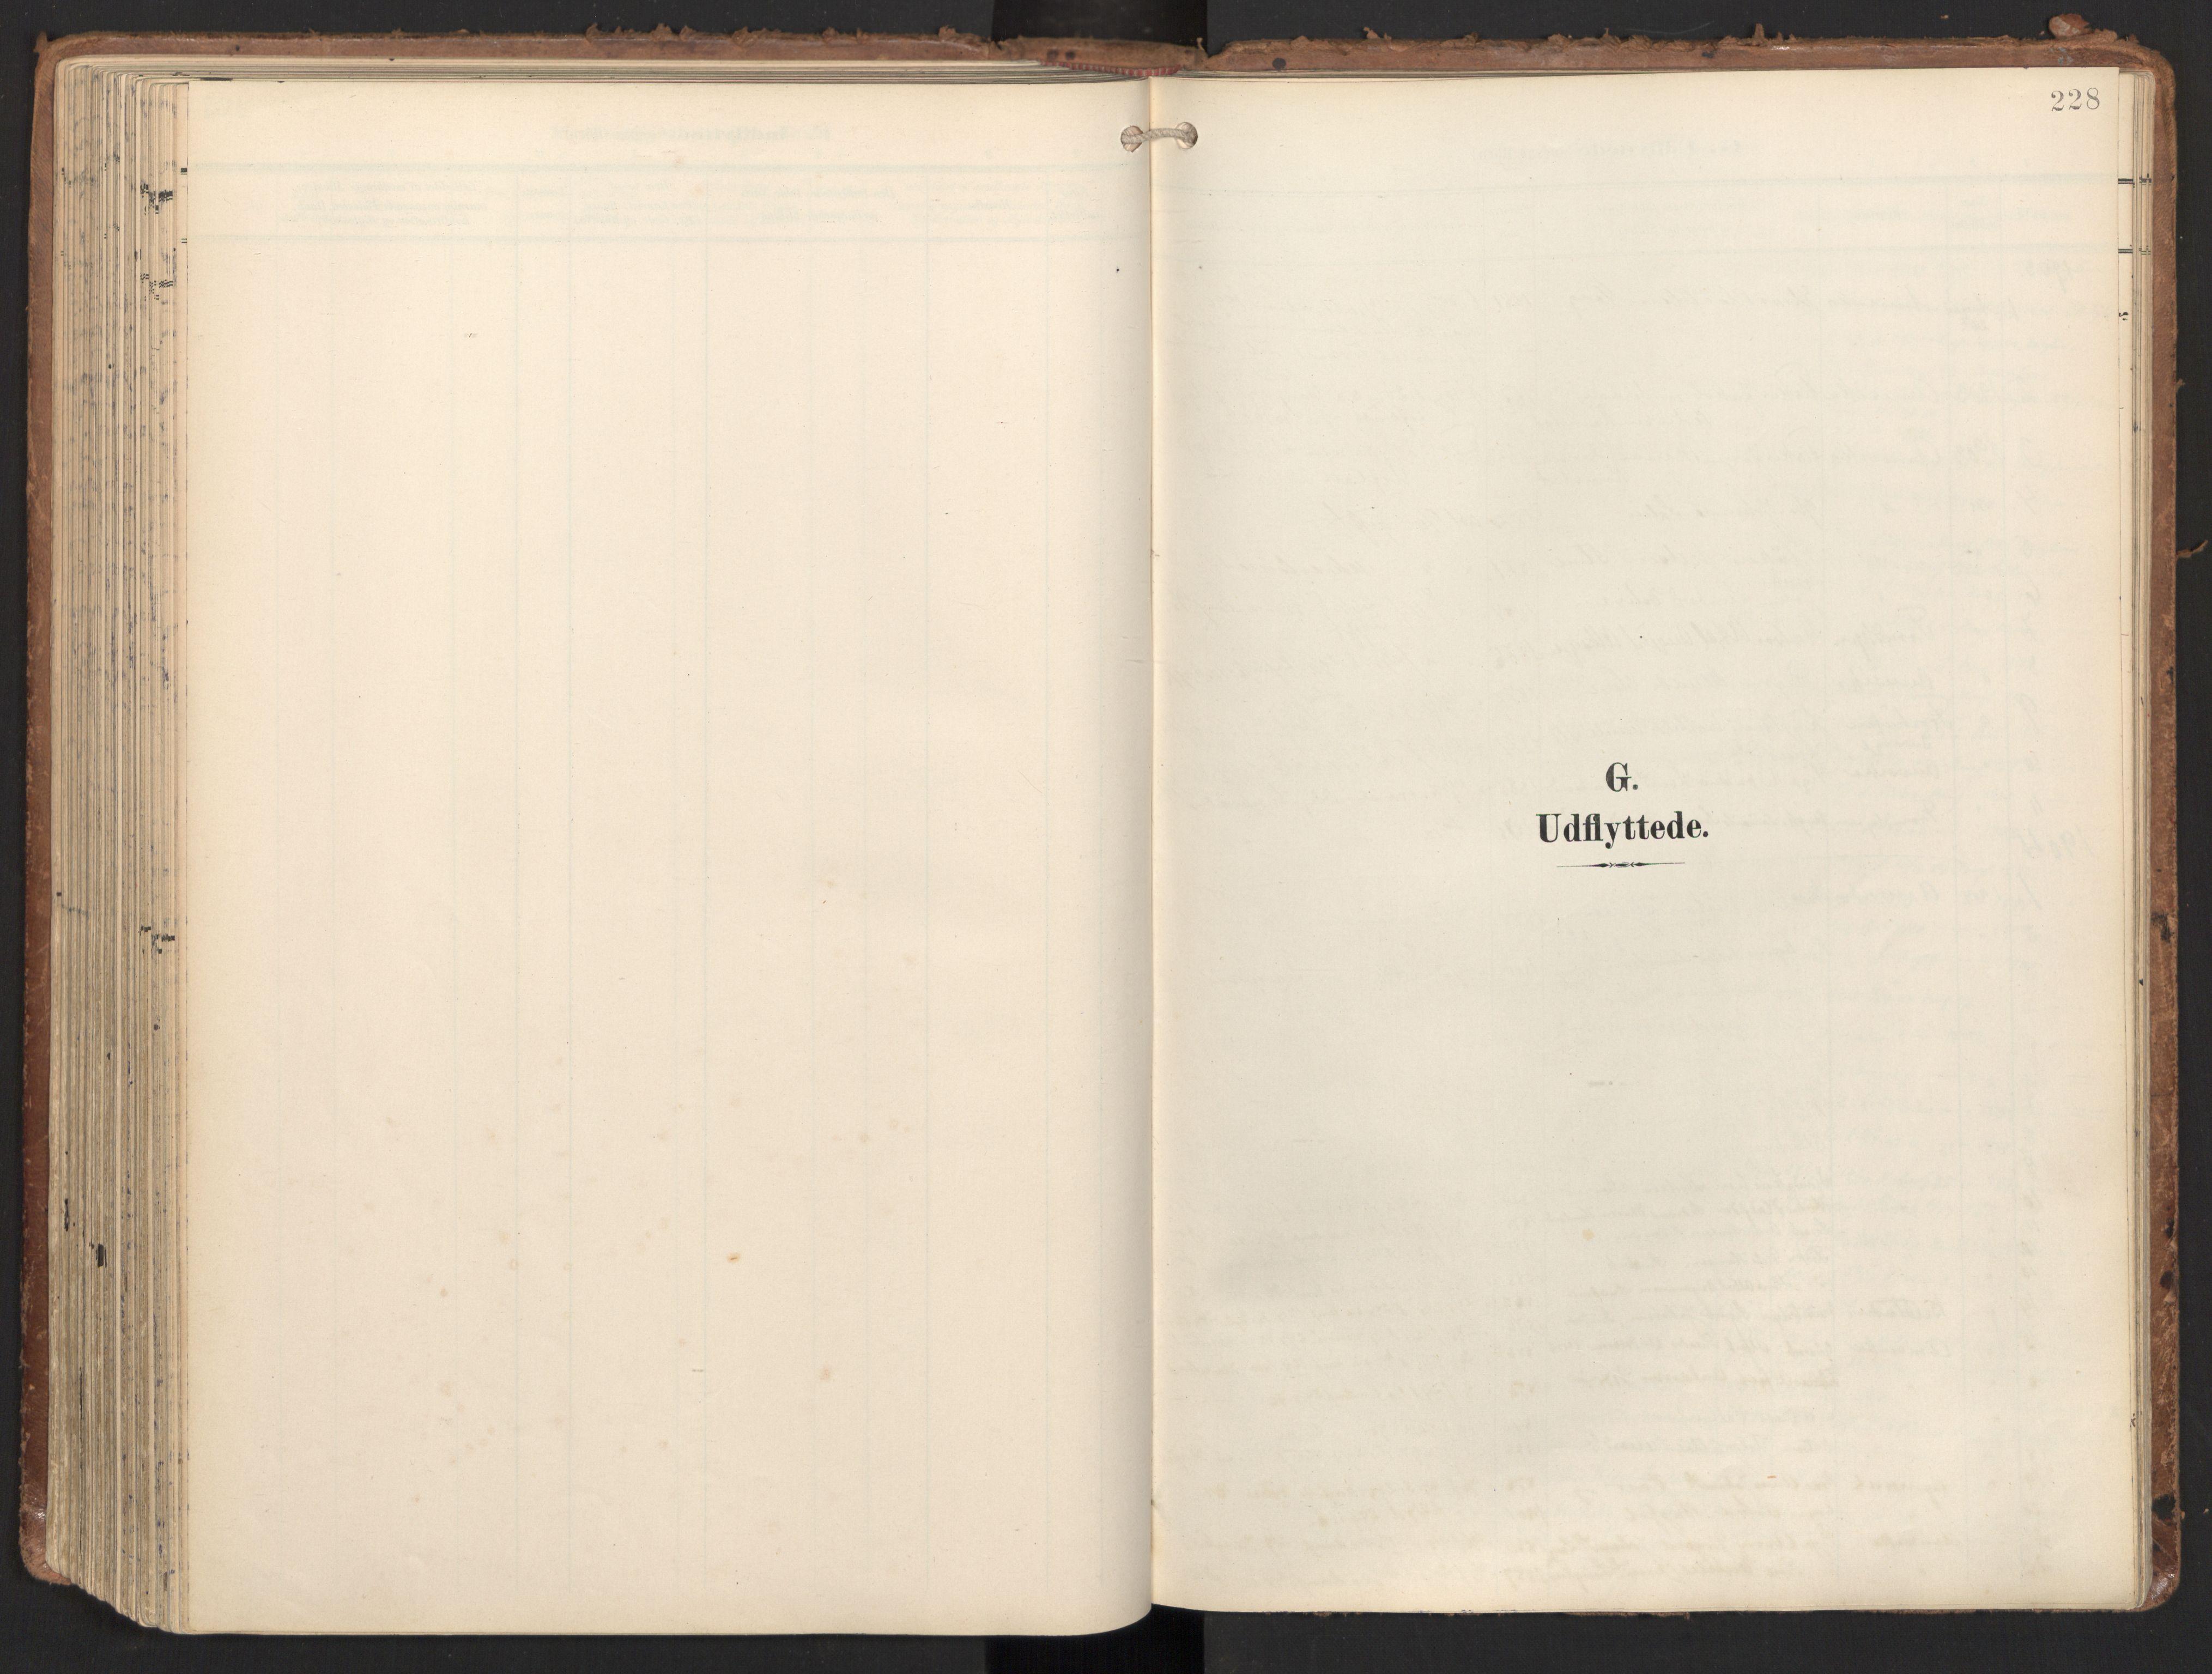 SAT, Ministerialprotokoller, klokkerbøker og fødselsregistre - Nord-Trøndelag, 784/L0677: Ministerialbok nr. 784A12, 1900-1920, s. 228